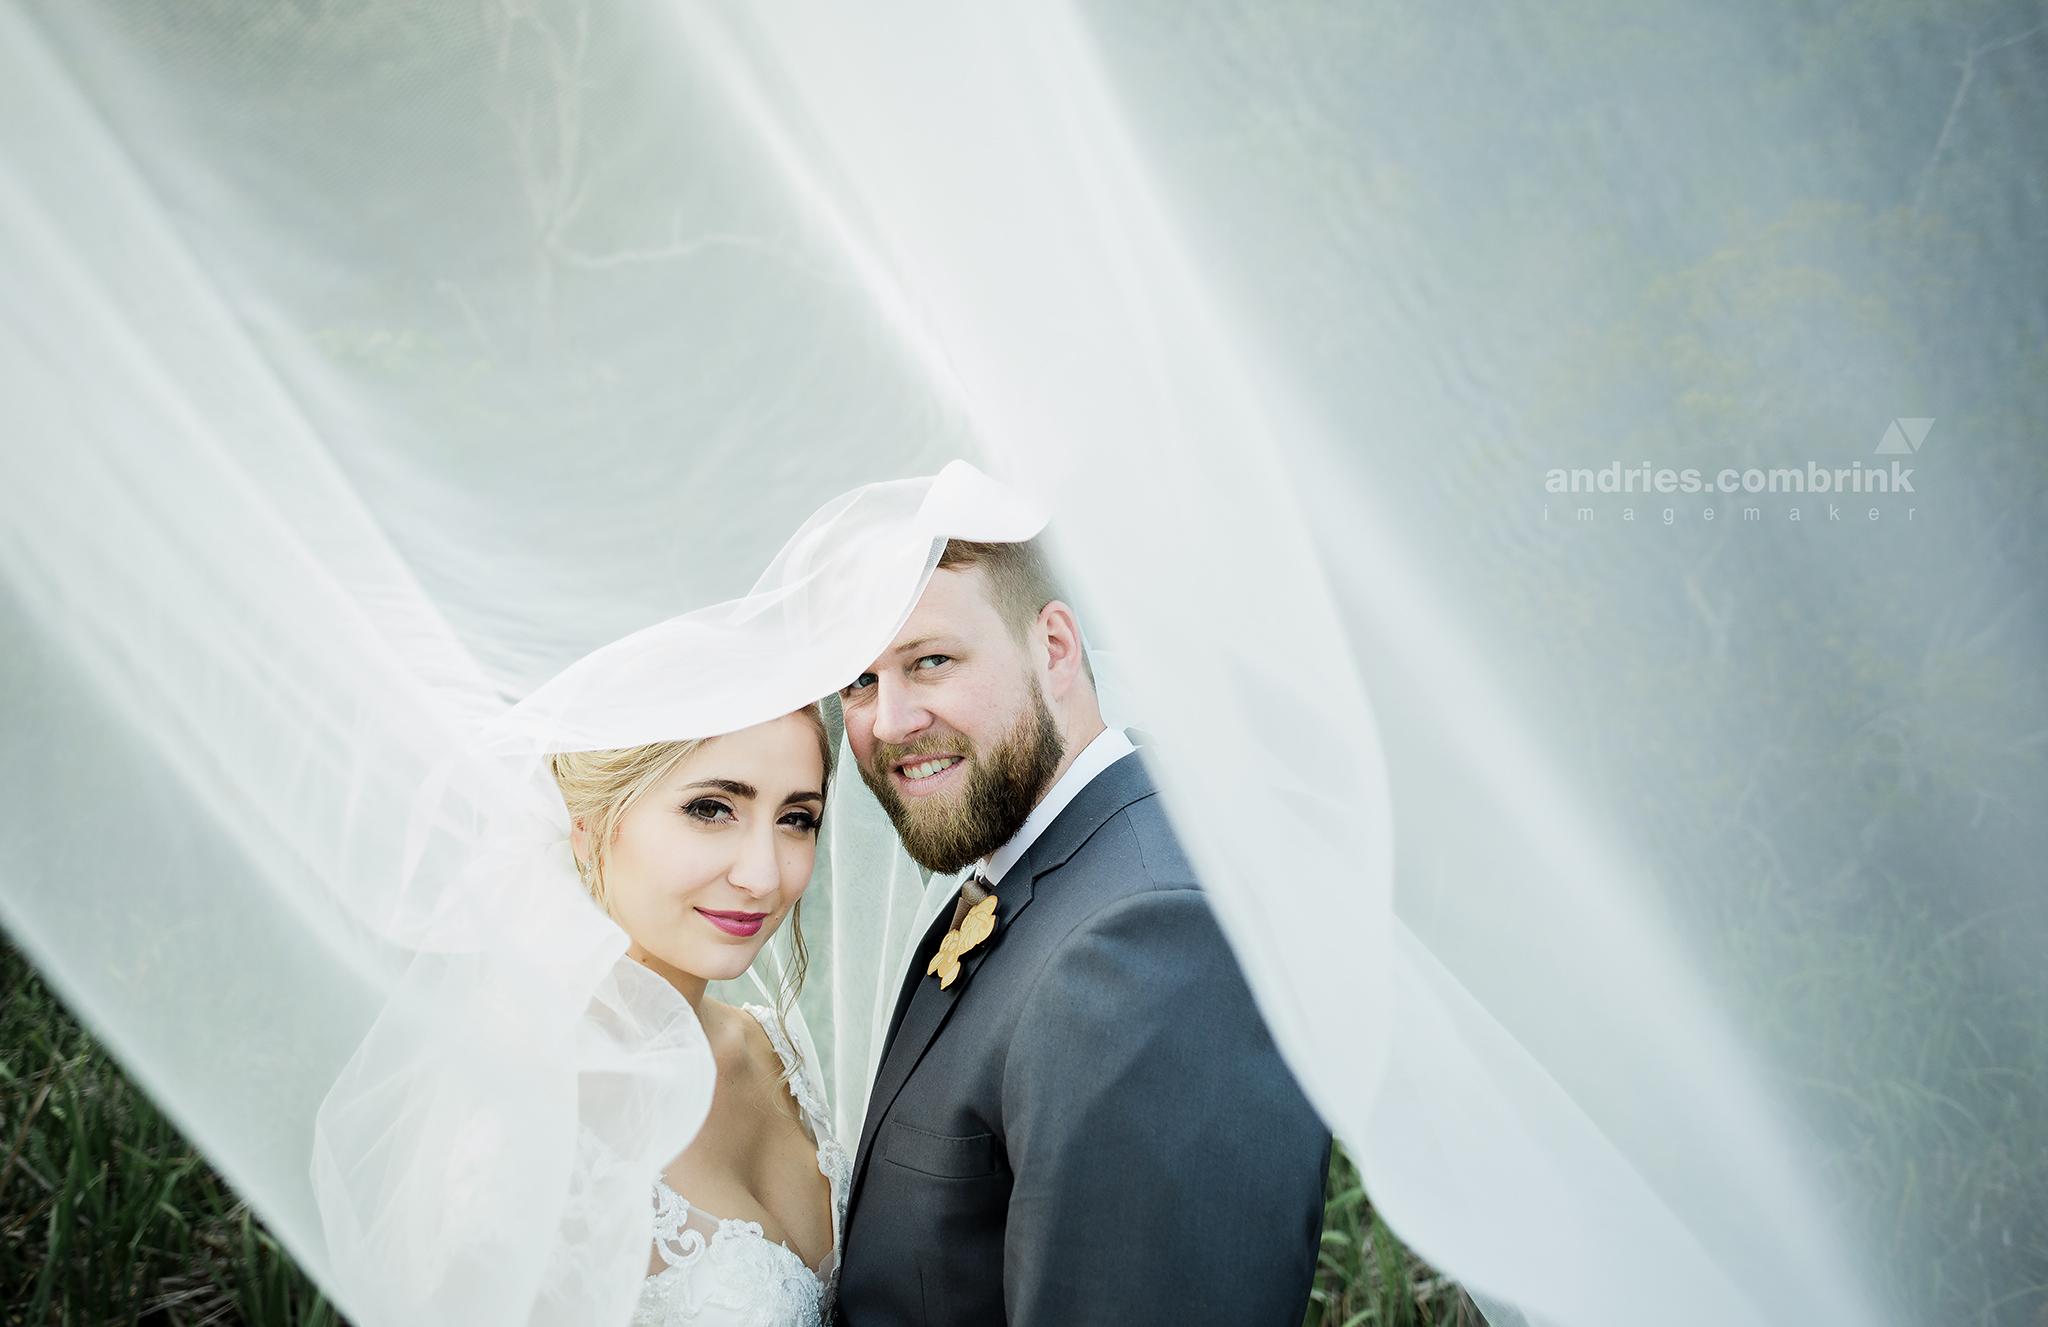 Drakensbergkloof veil